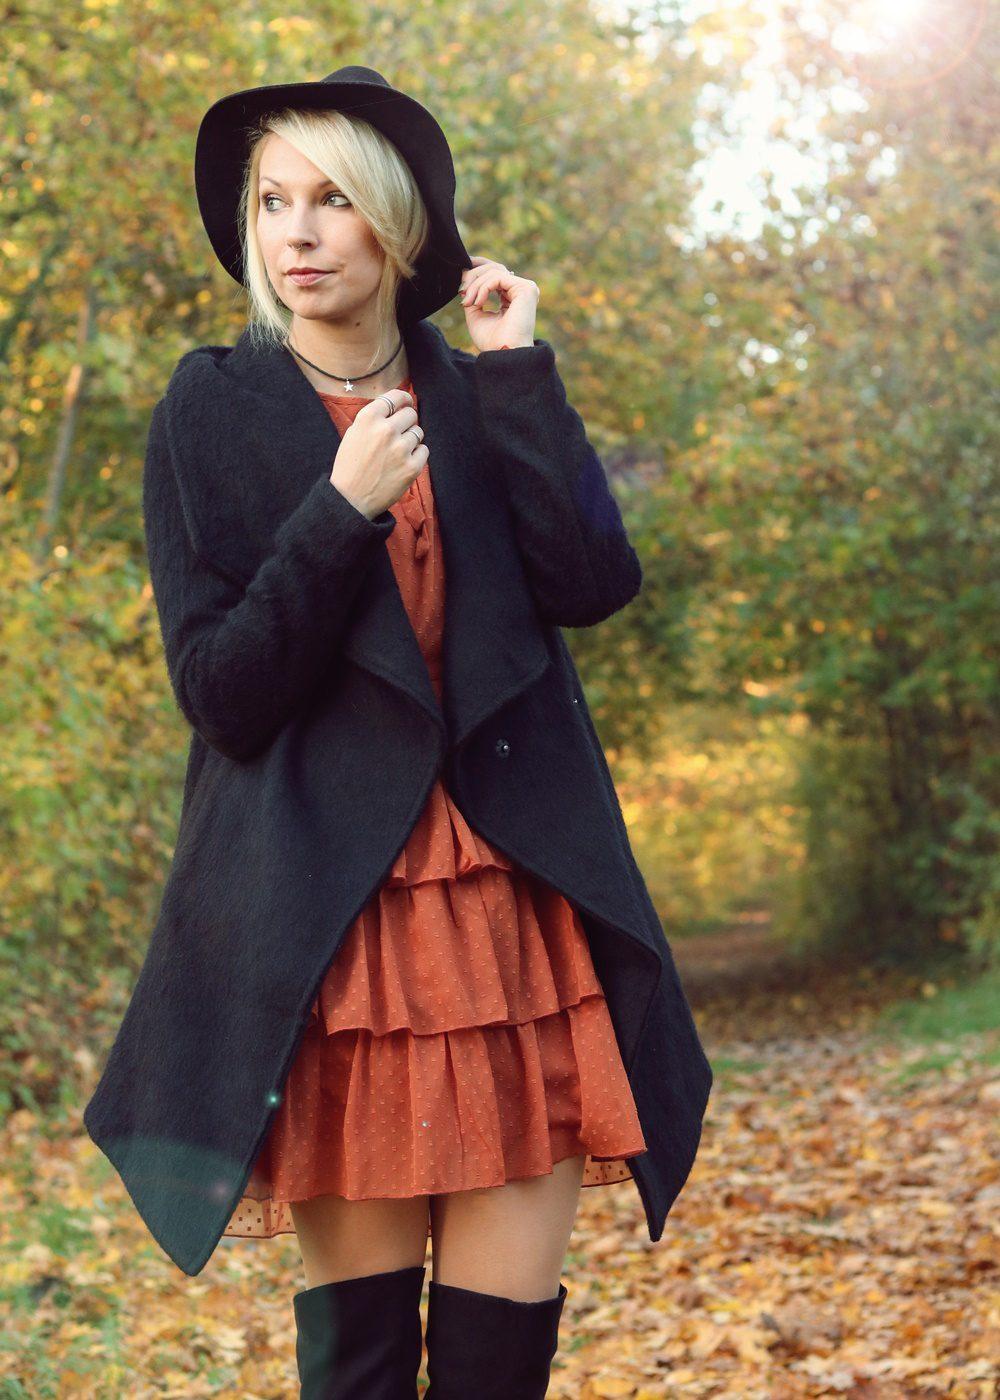 modeblogger-karlsruhe-outfit-herbst-kleid-vero-moda-rostrot-schwarzer-mantel-overknees-12-von-27